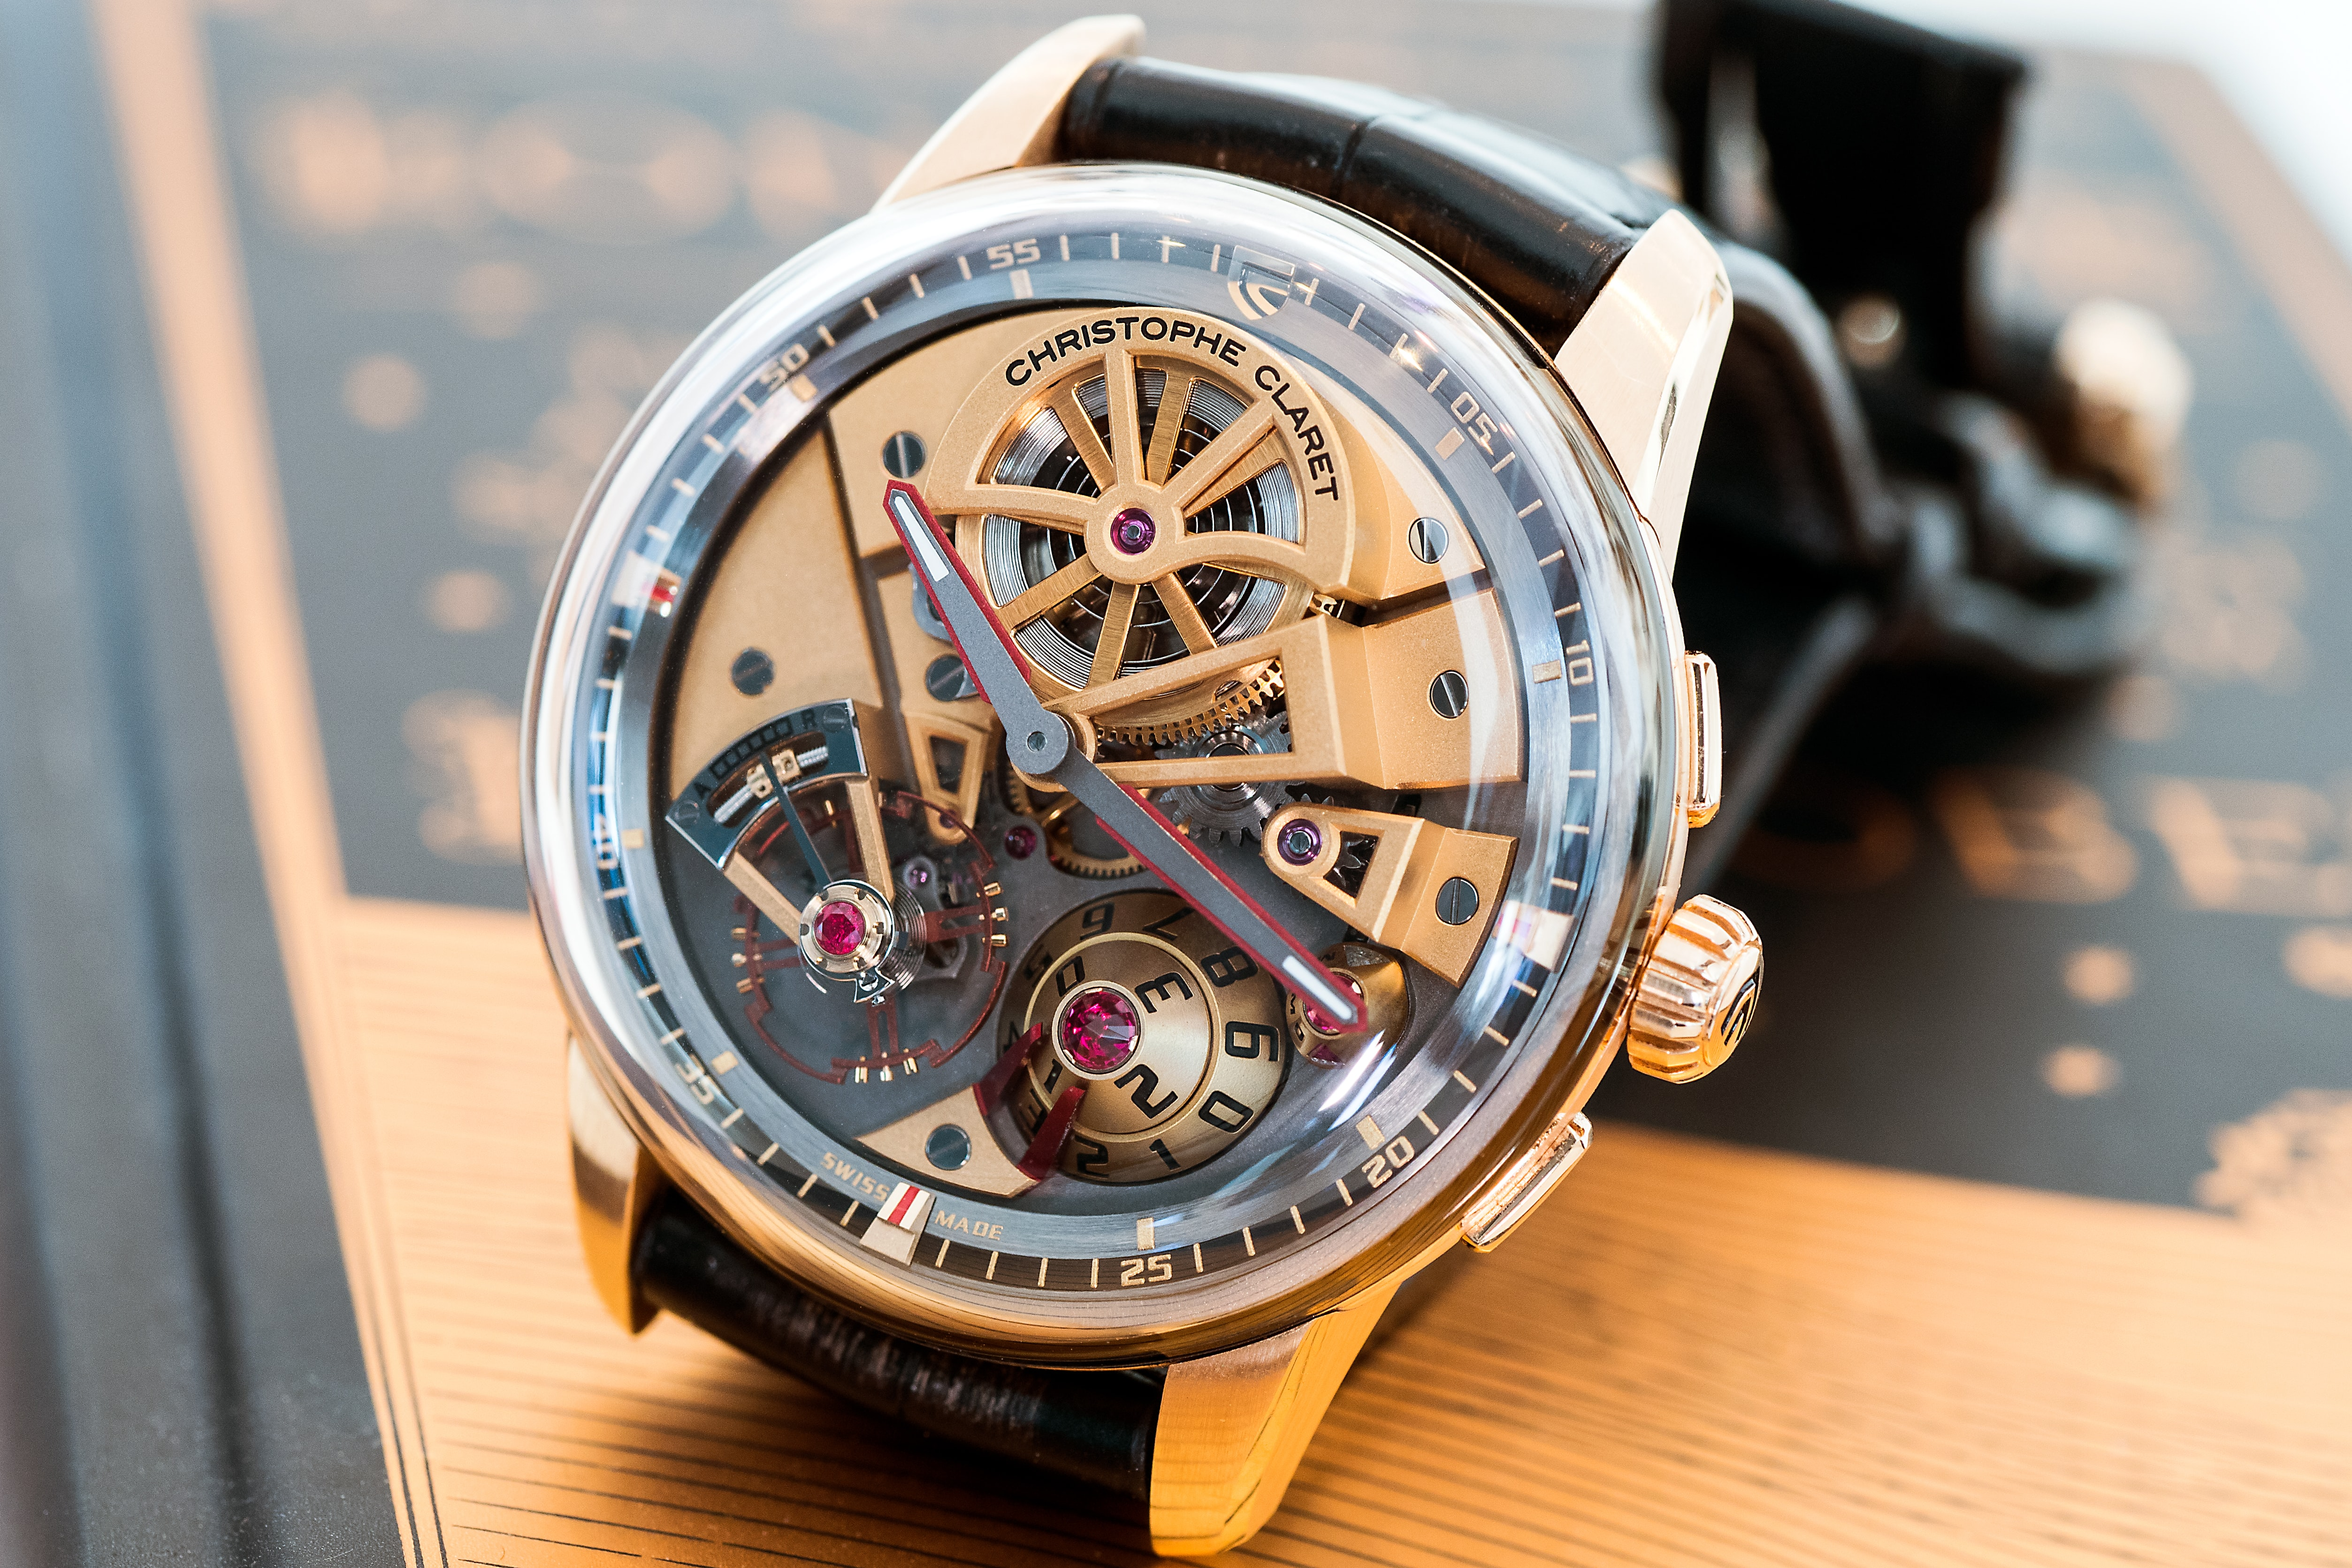 Claret Maestro wristwatch, pink gold, 2017. Hands-On: The Christophe Claret Maestro Hands-On: The Christophe Claret Maestro P7262005